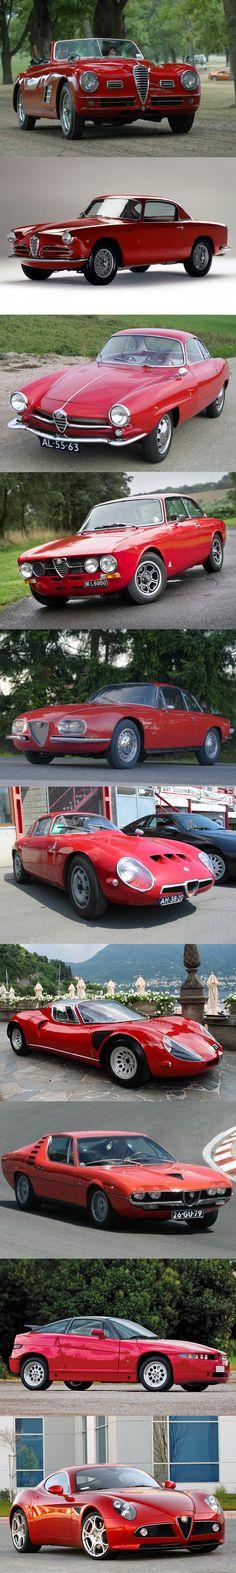 Alfa Romeo - supercar / 1949 6C 2500 / 1950 1900 Sprint / 1959 Giulietta SS / 1960 2000 Sprint / 1961 2600 Sprint Zagato / 1963 Giulia TZ / 1967 33 Stradale / 1970 Montreal / 1989 SZ / 2007 8C Competizione / red / Italy / #list